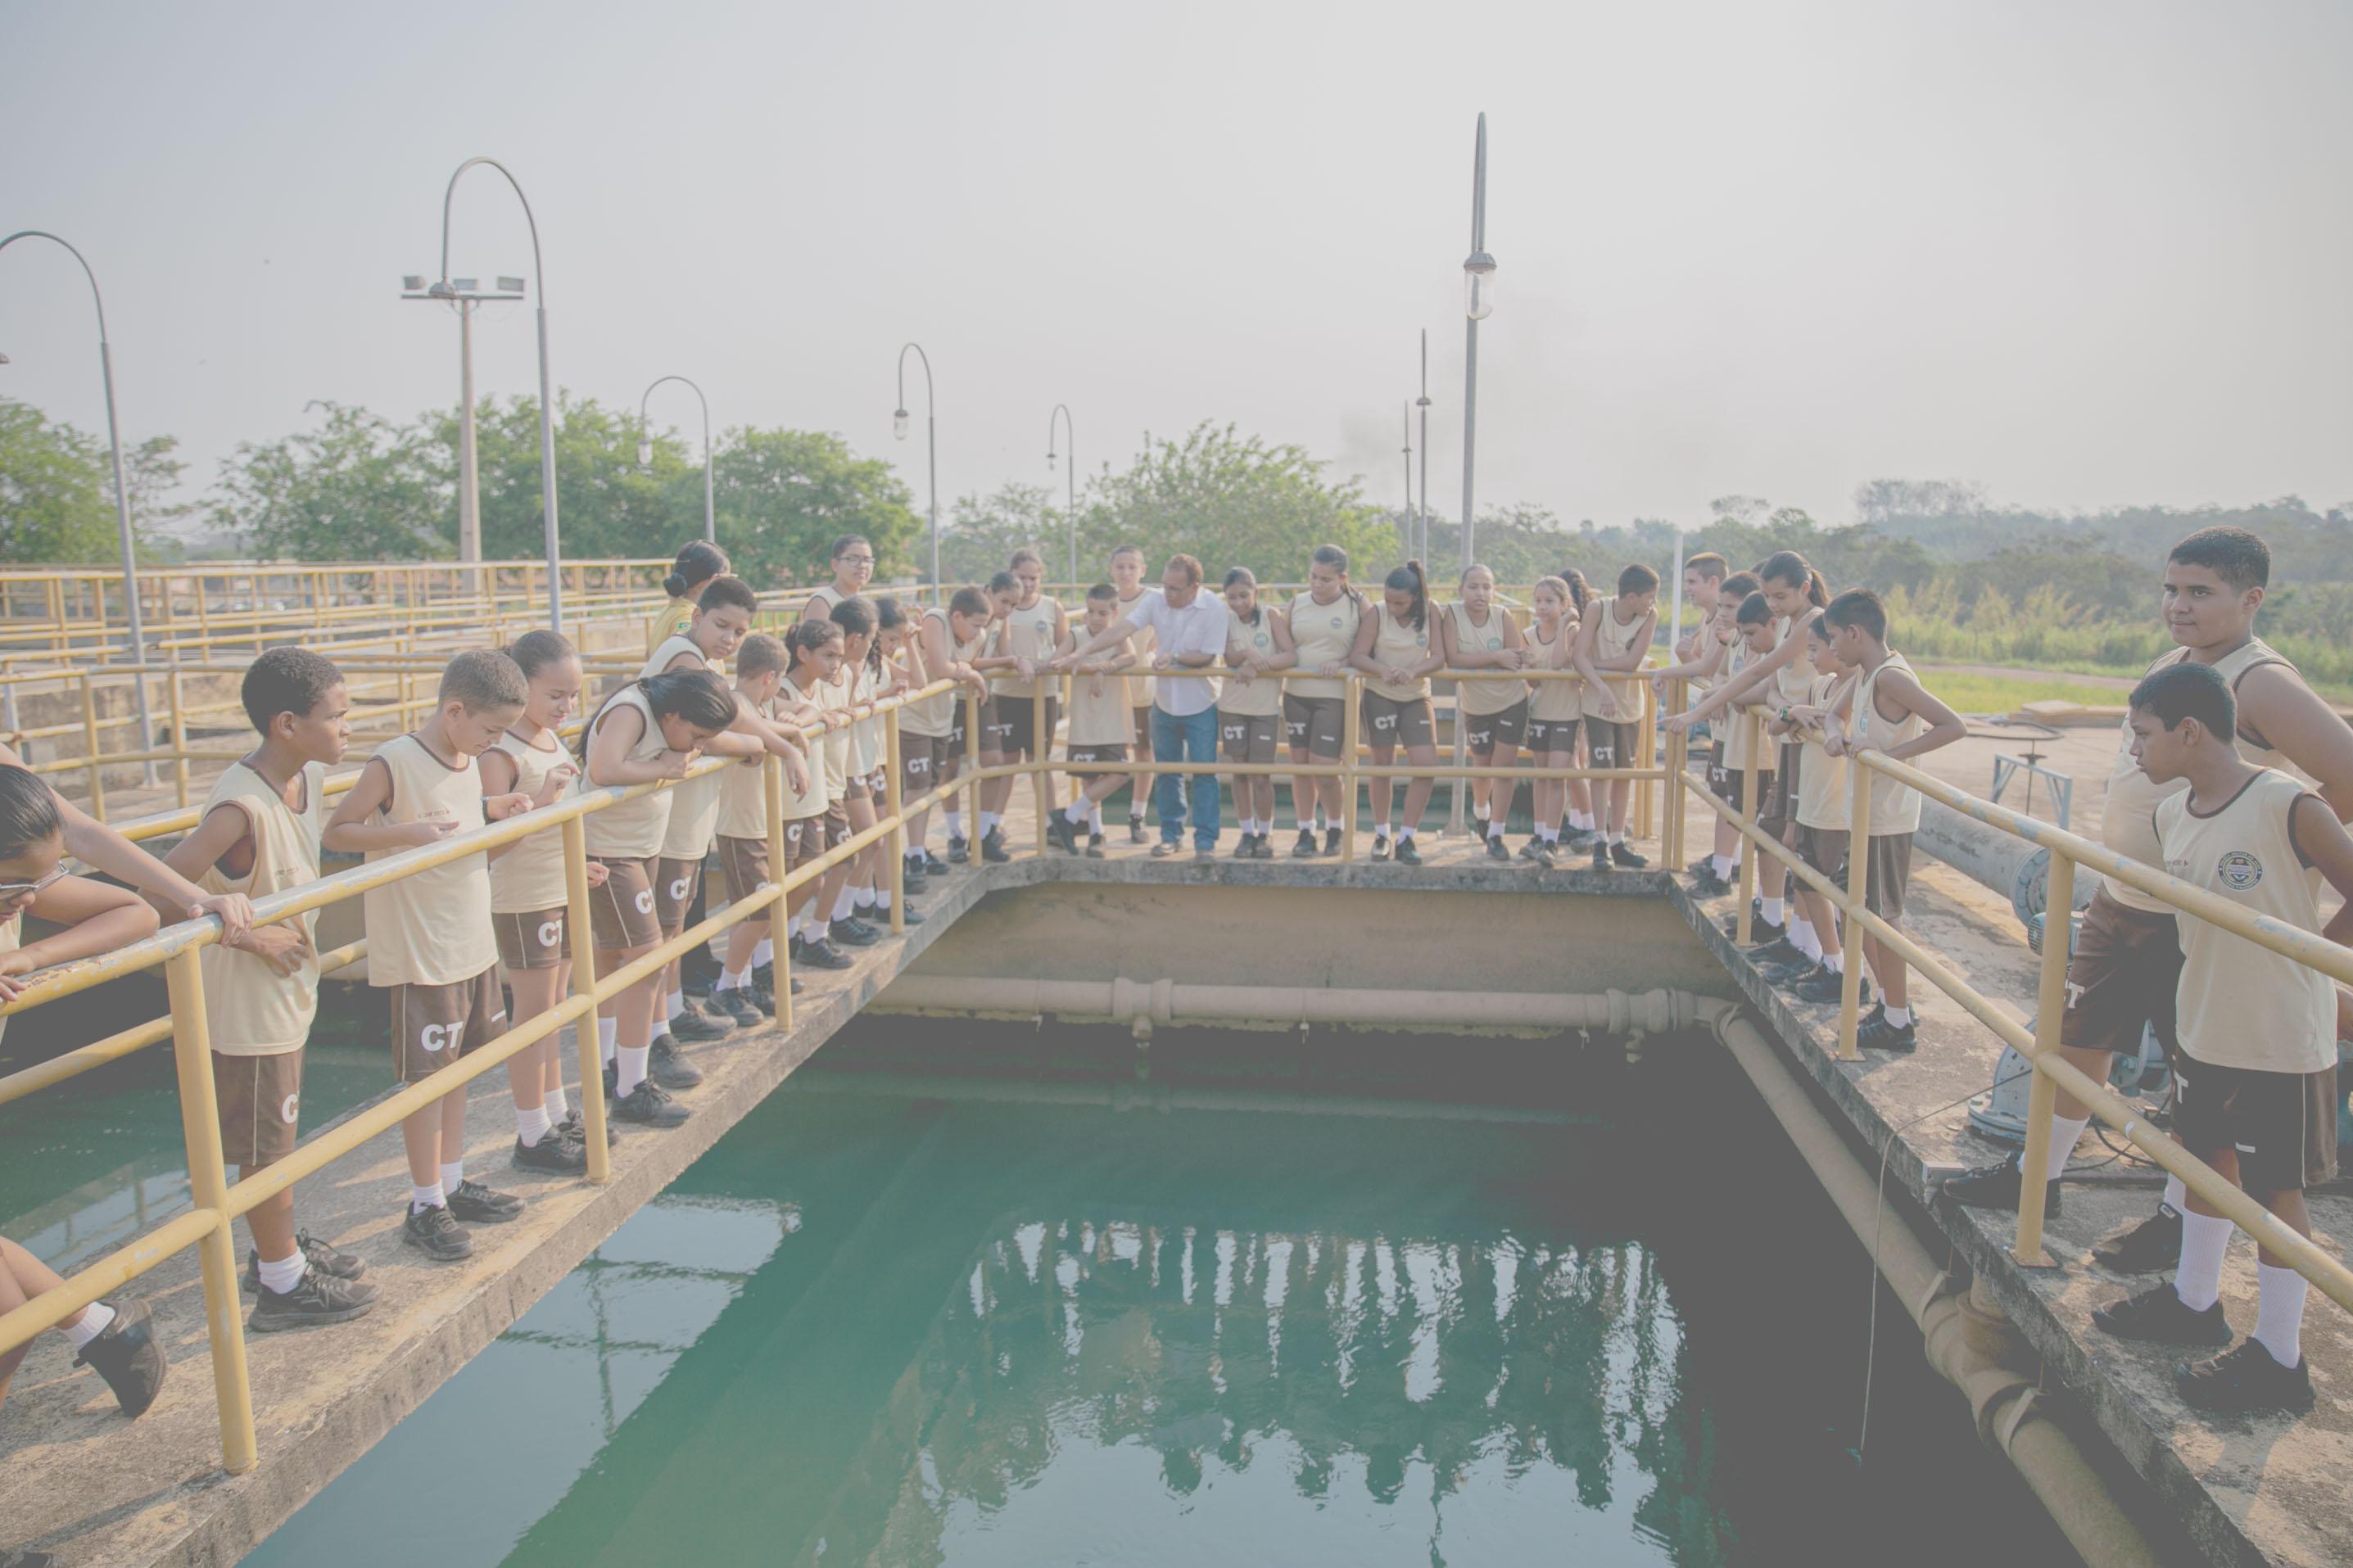 Alunos do Colégio Tiradentes visitam estação de tratamento de água em Rio Branco